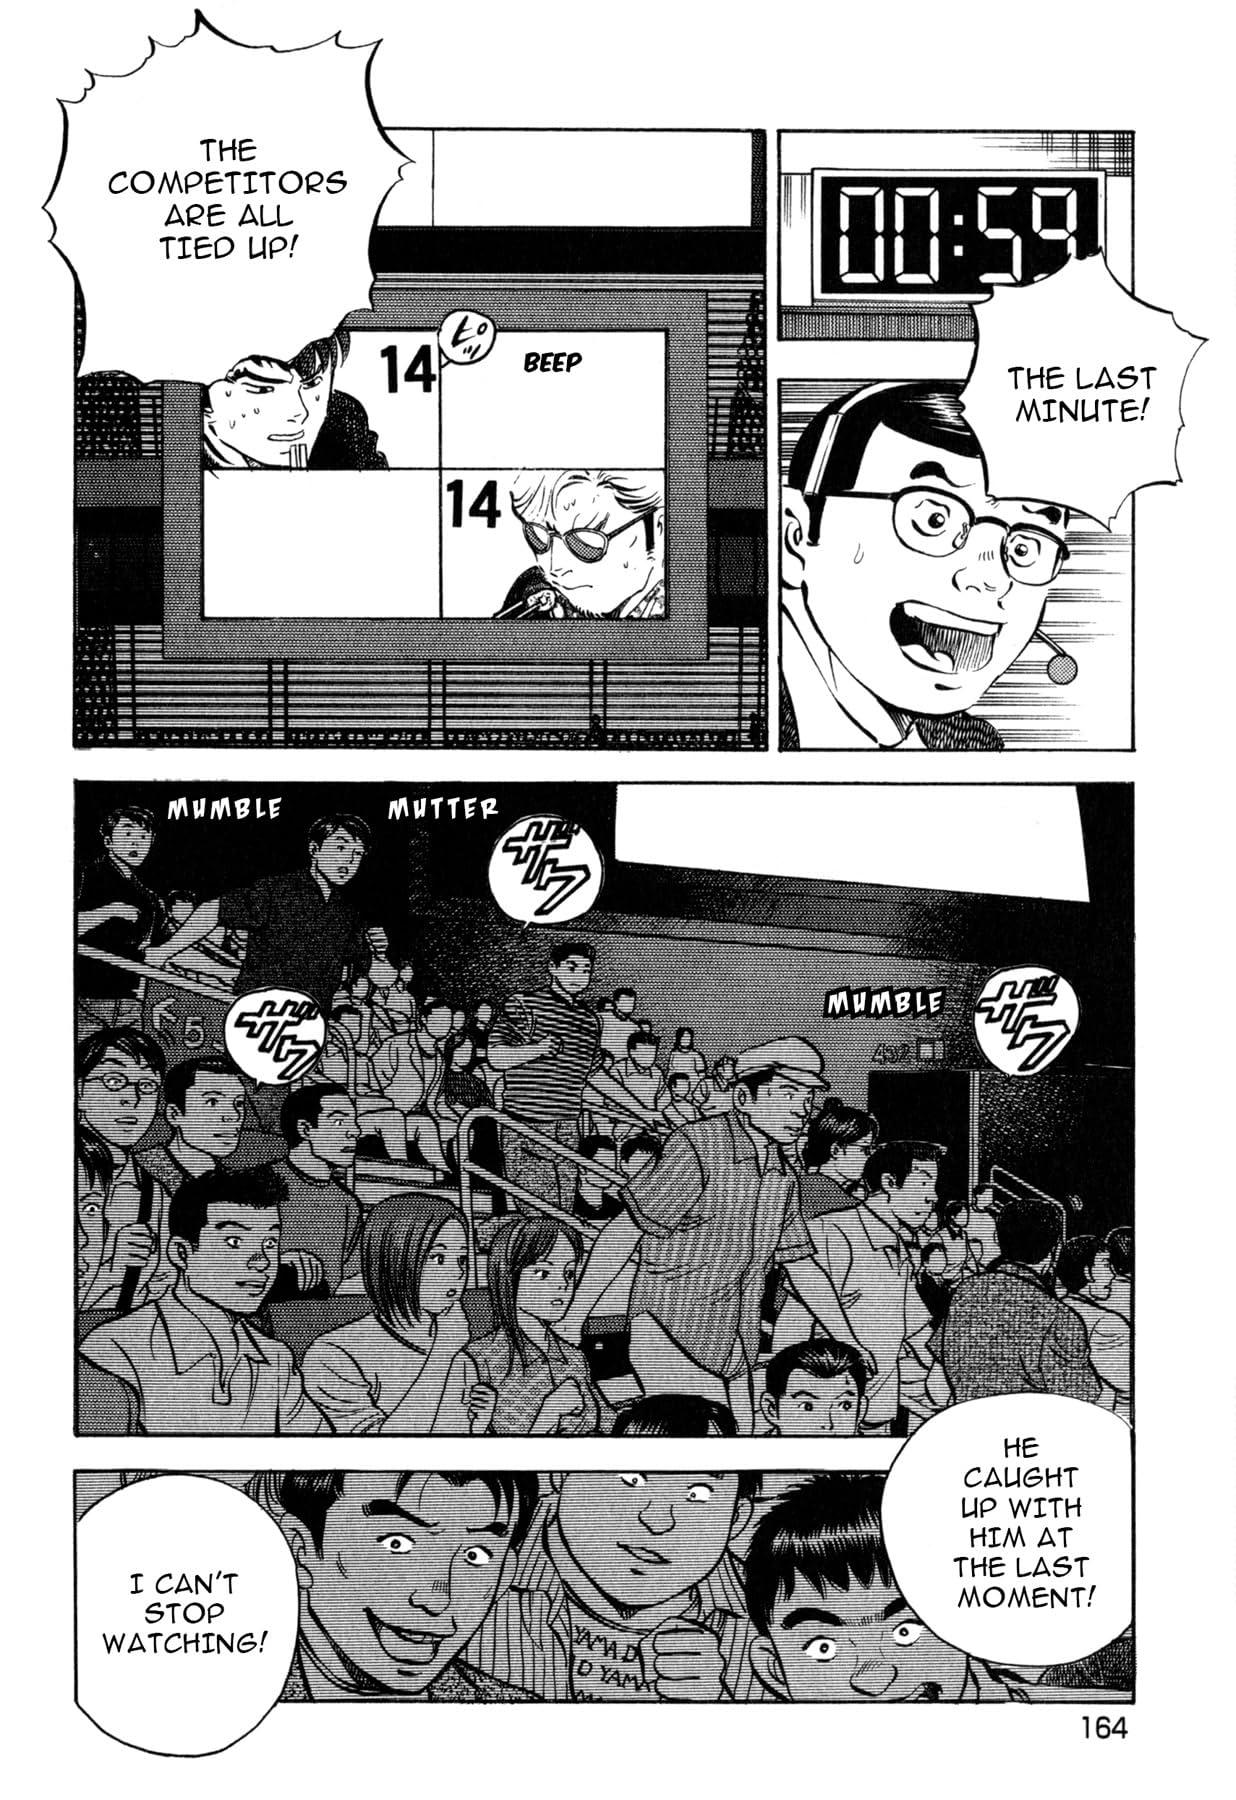 Kuishinbo! #162